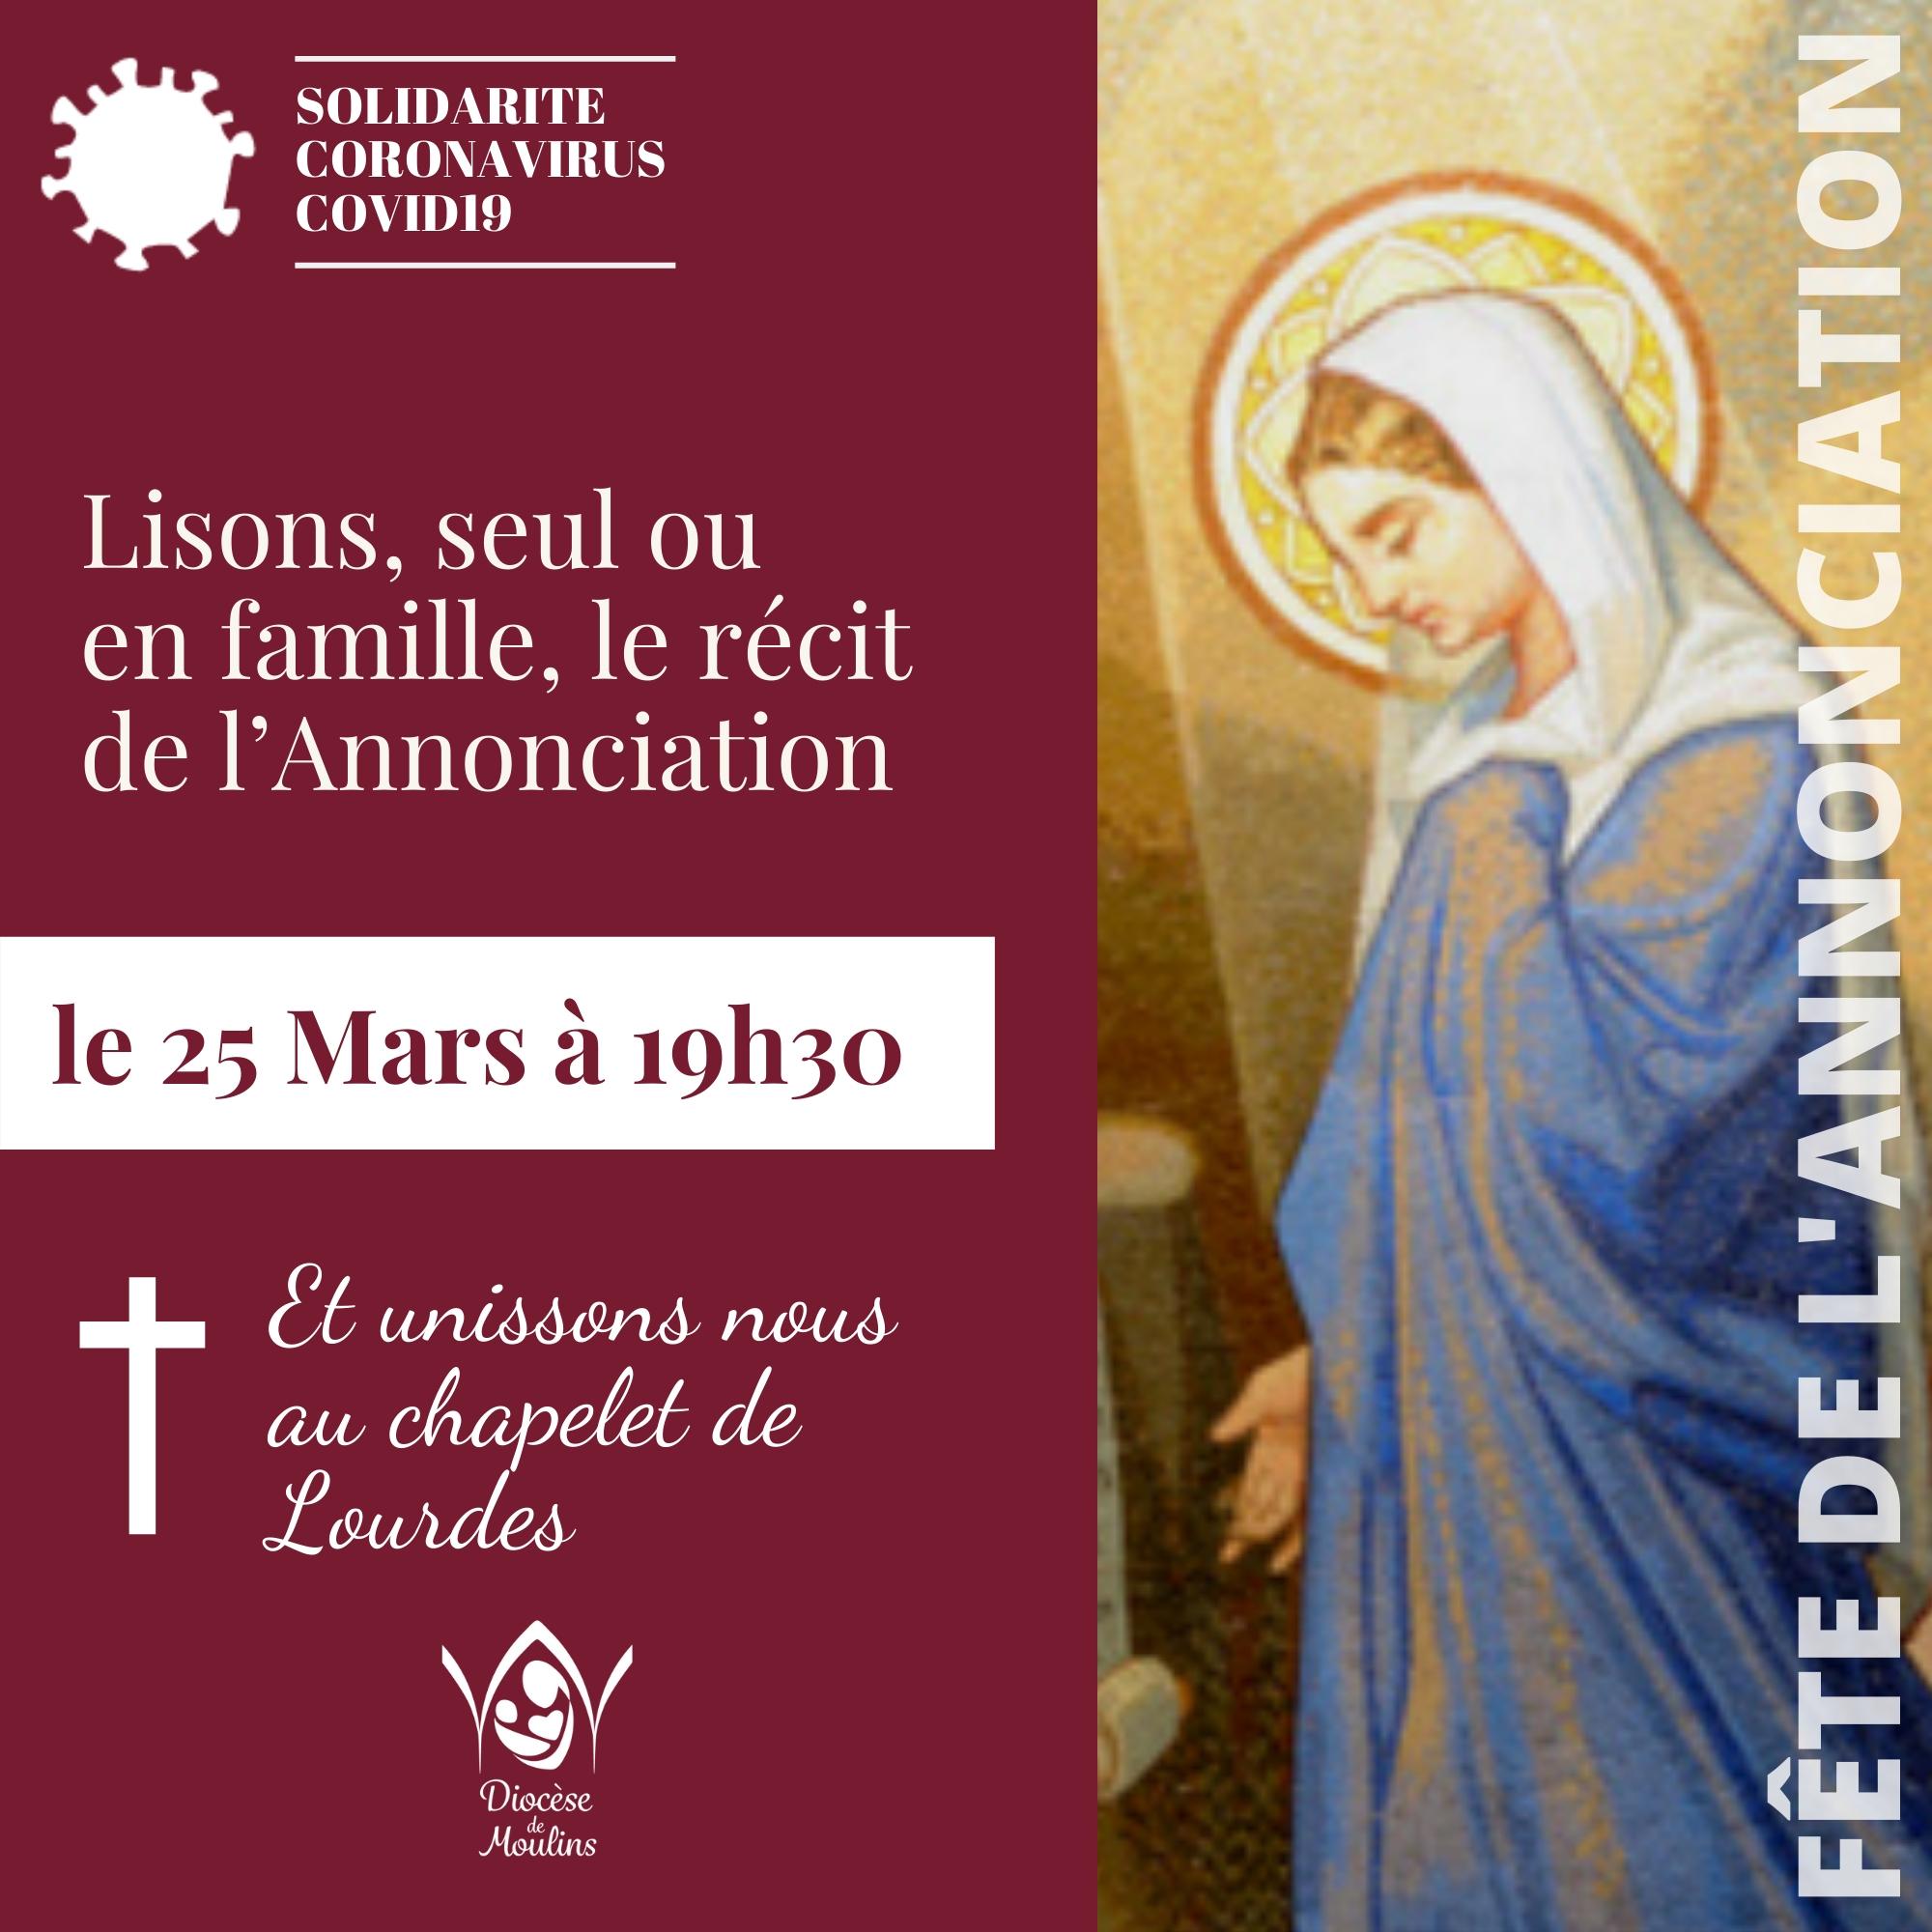 Fête de l'Annonciation le 25 mars